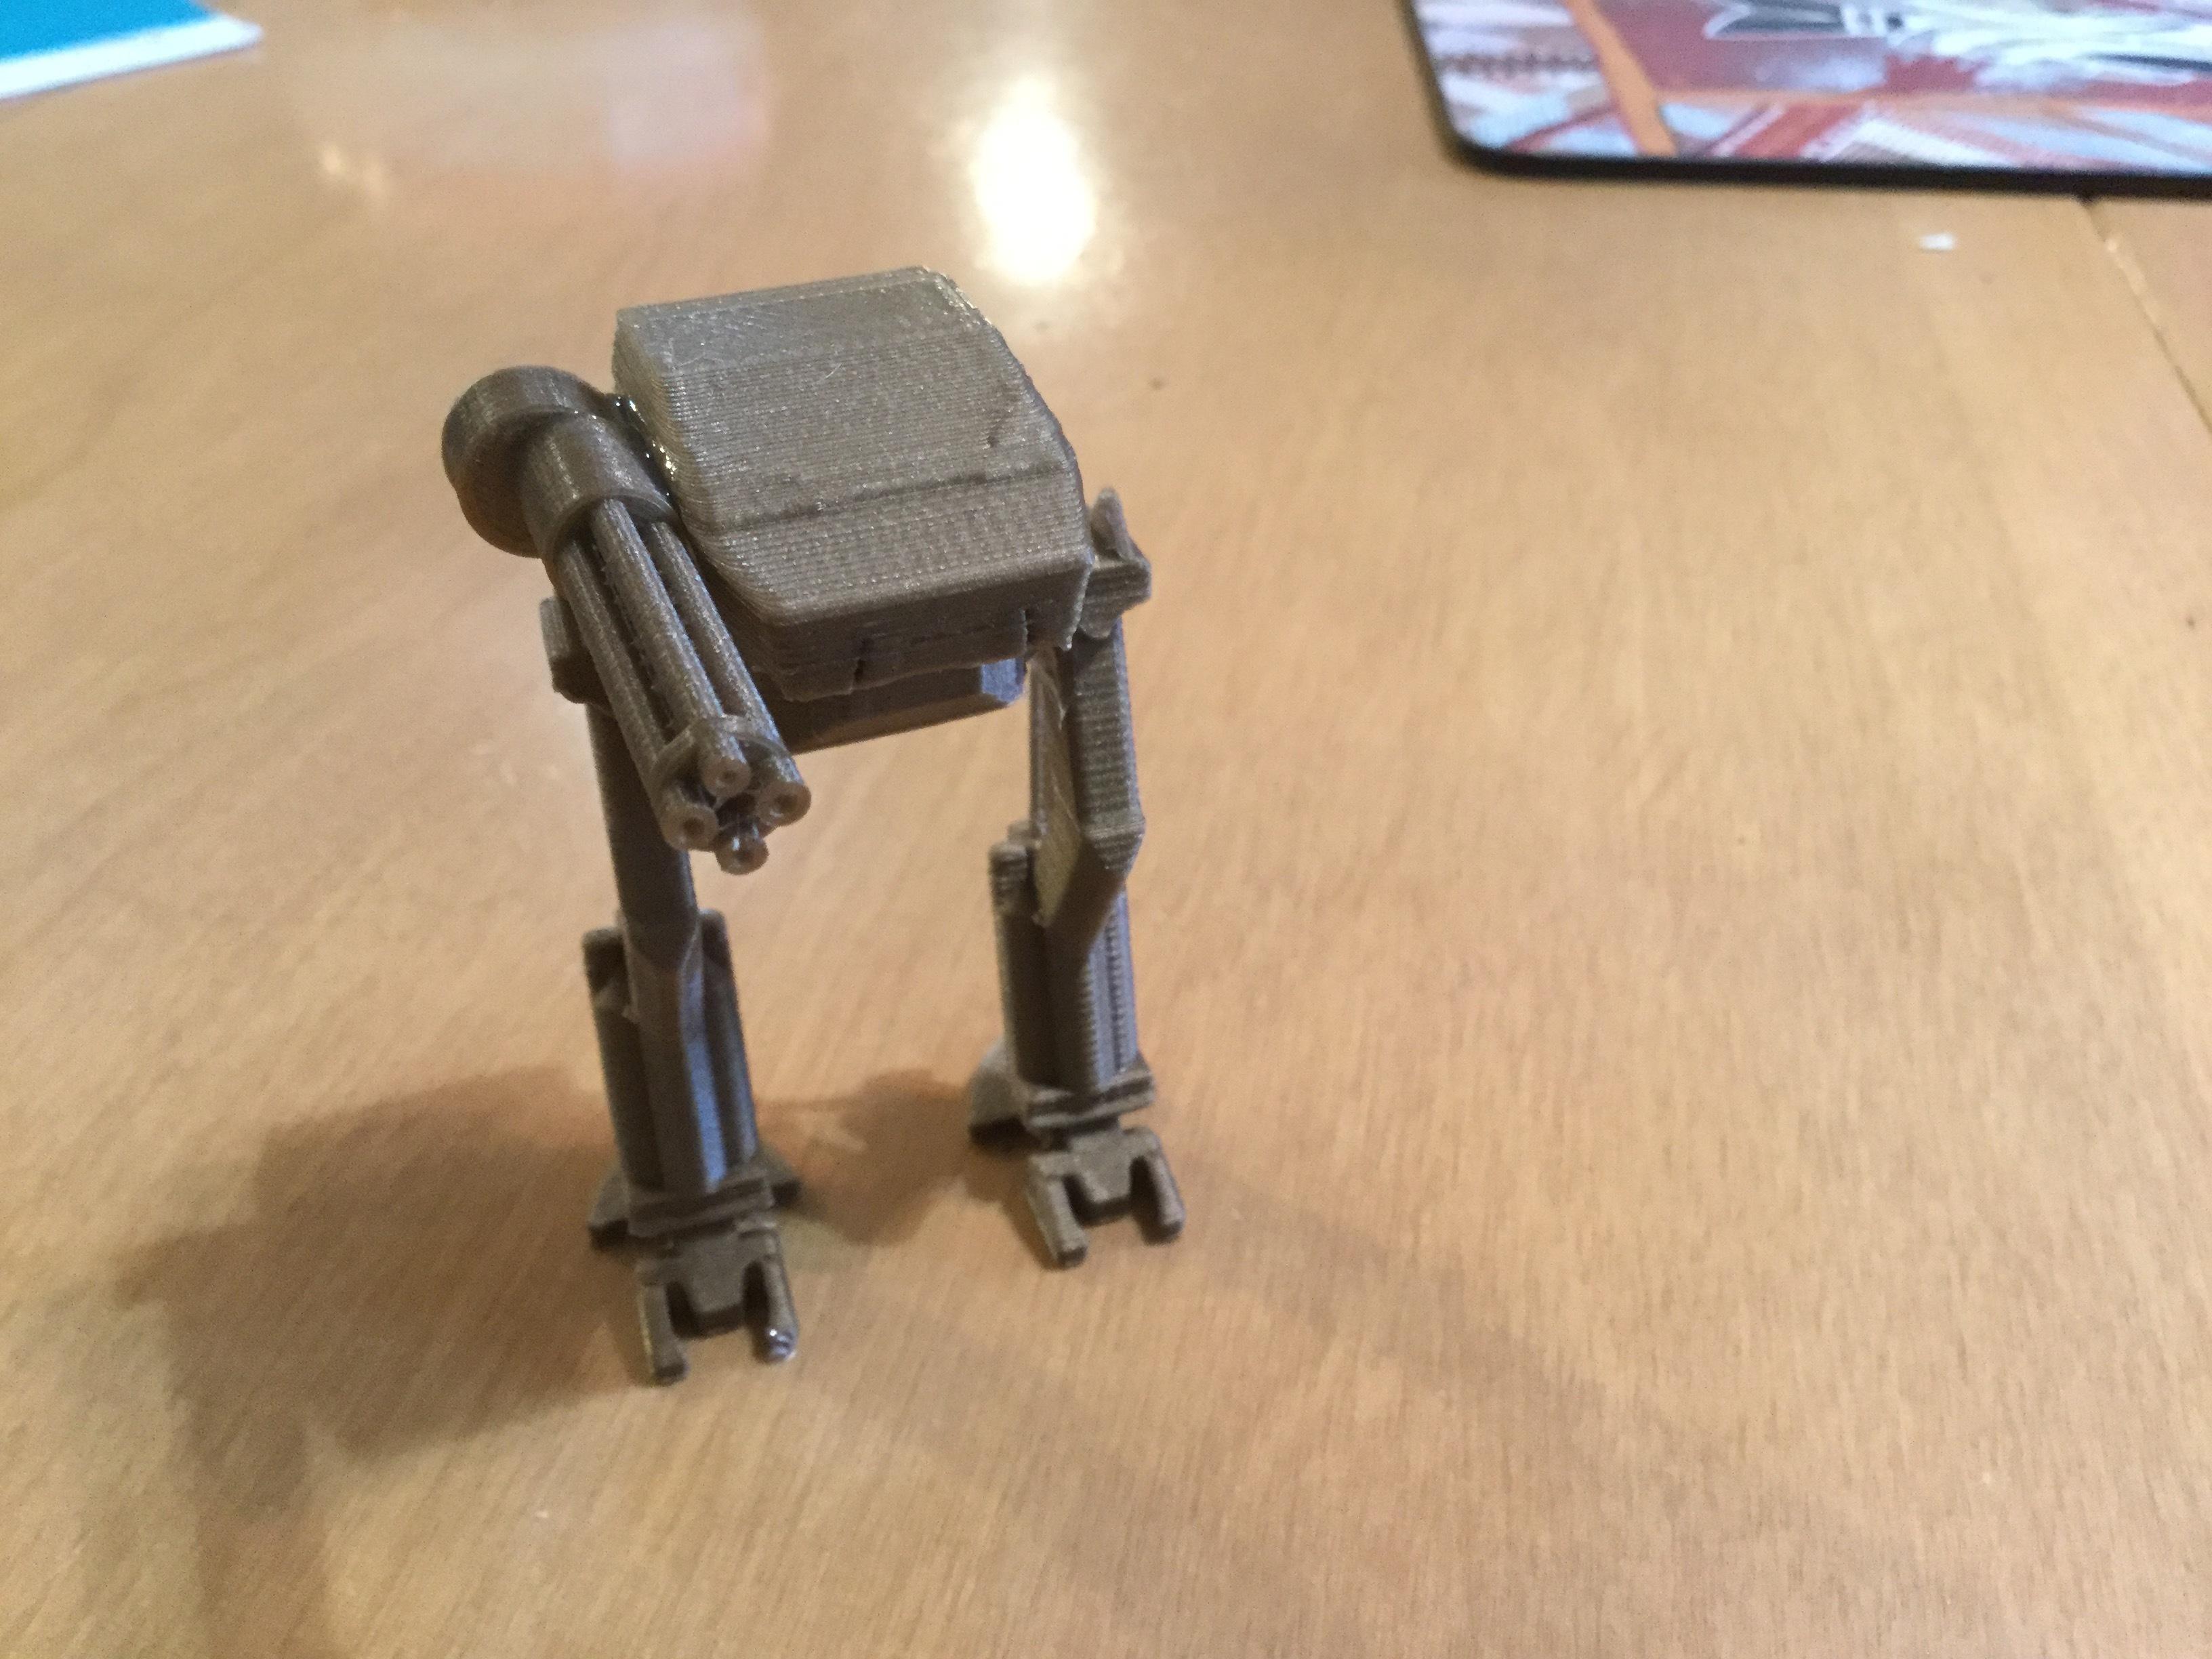 3D Printed Mech Robot by odragon   Pinshape